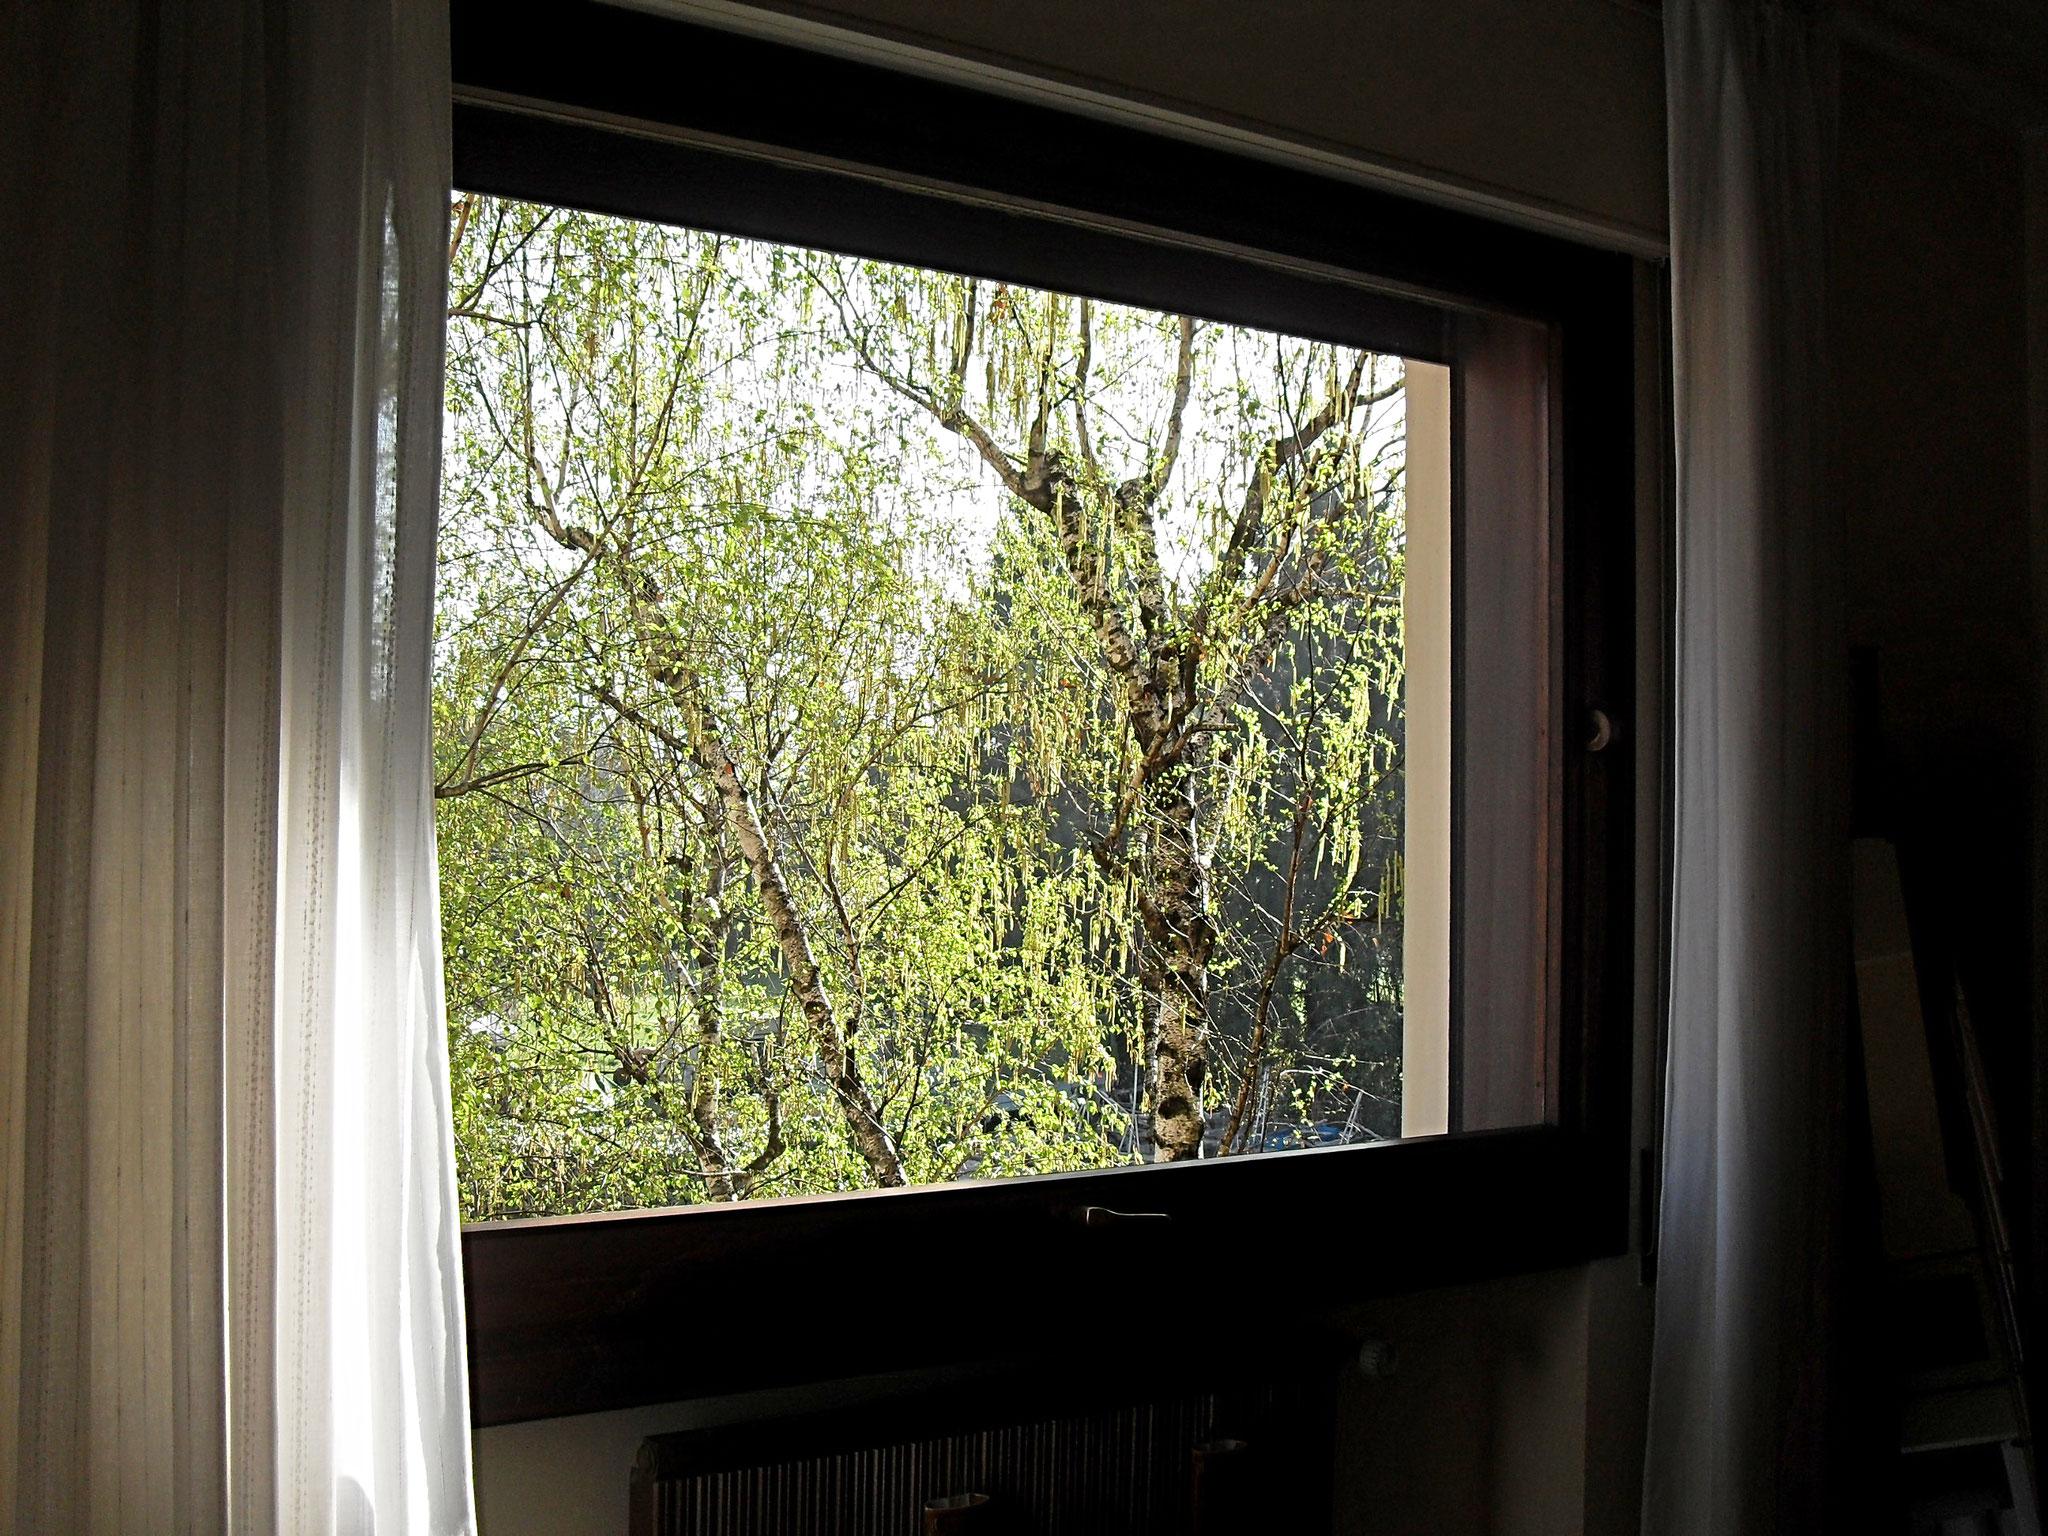 Finestrone della camera da letto. E' bello svegliarsi al canto degli uccellini.